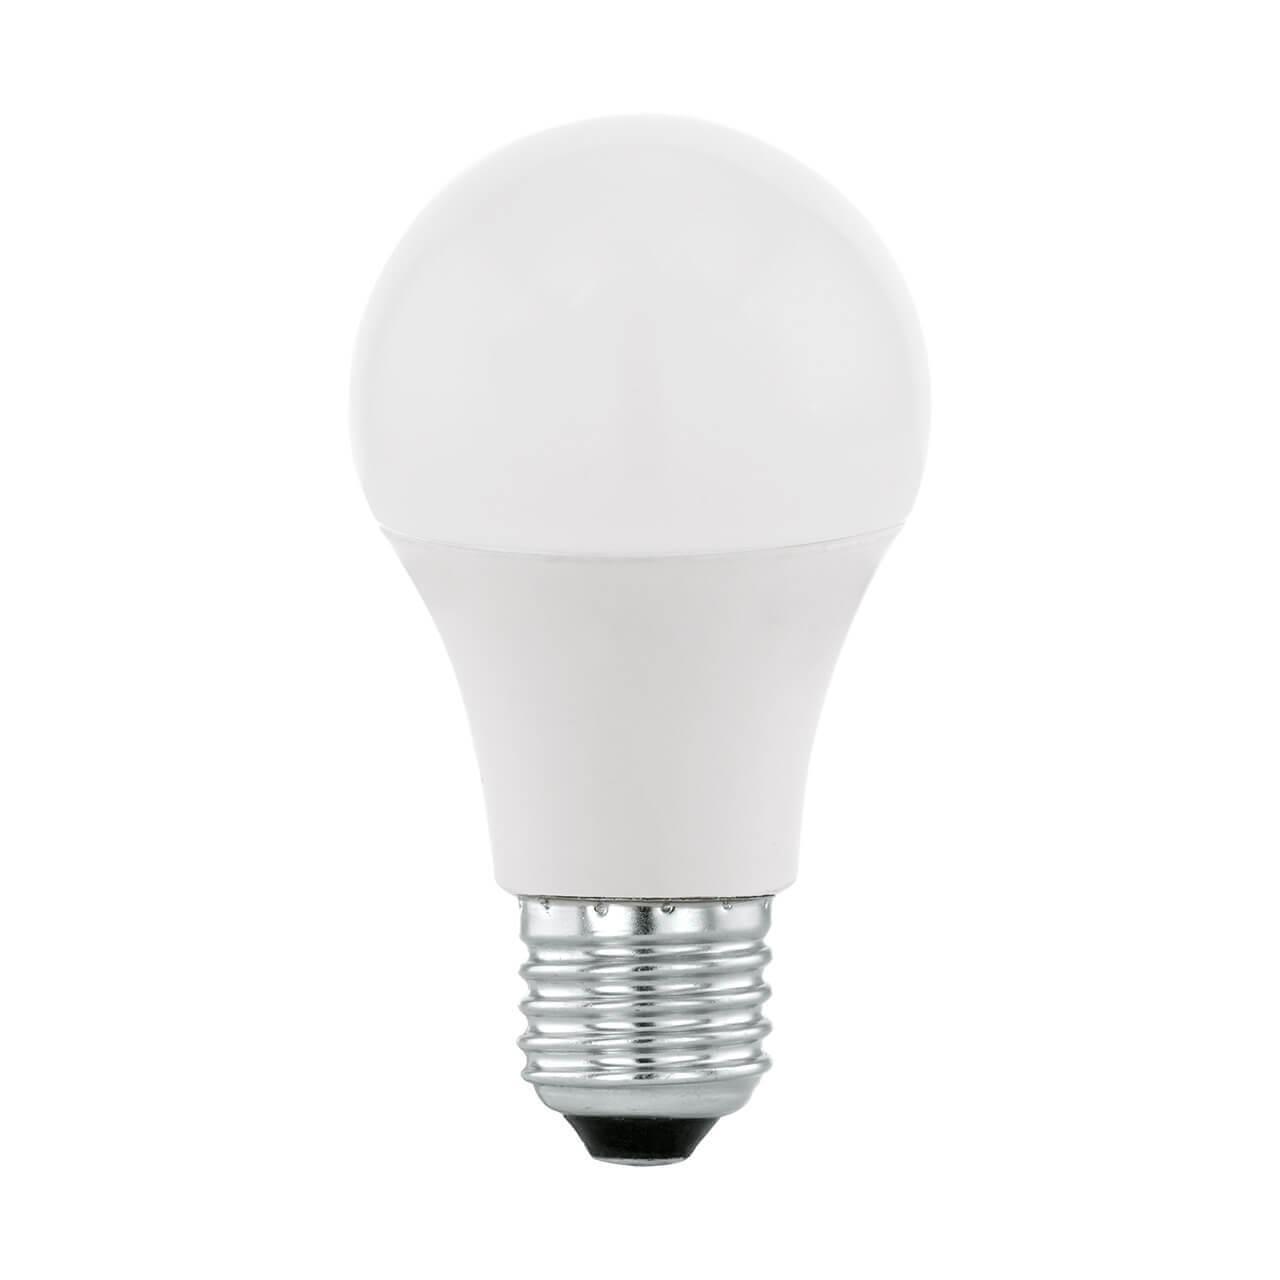 Лампа светодиодная Eglo E27 9W 2700-6500K матовая 11586